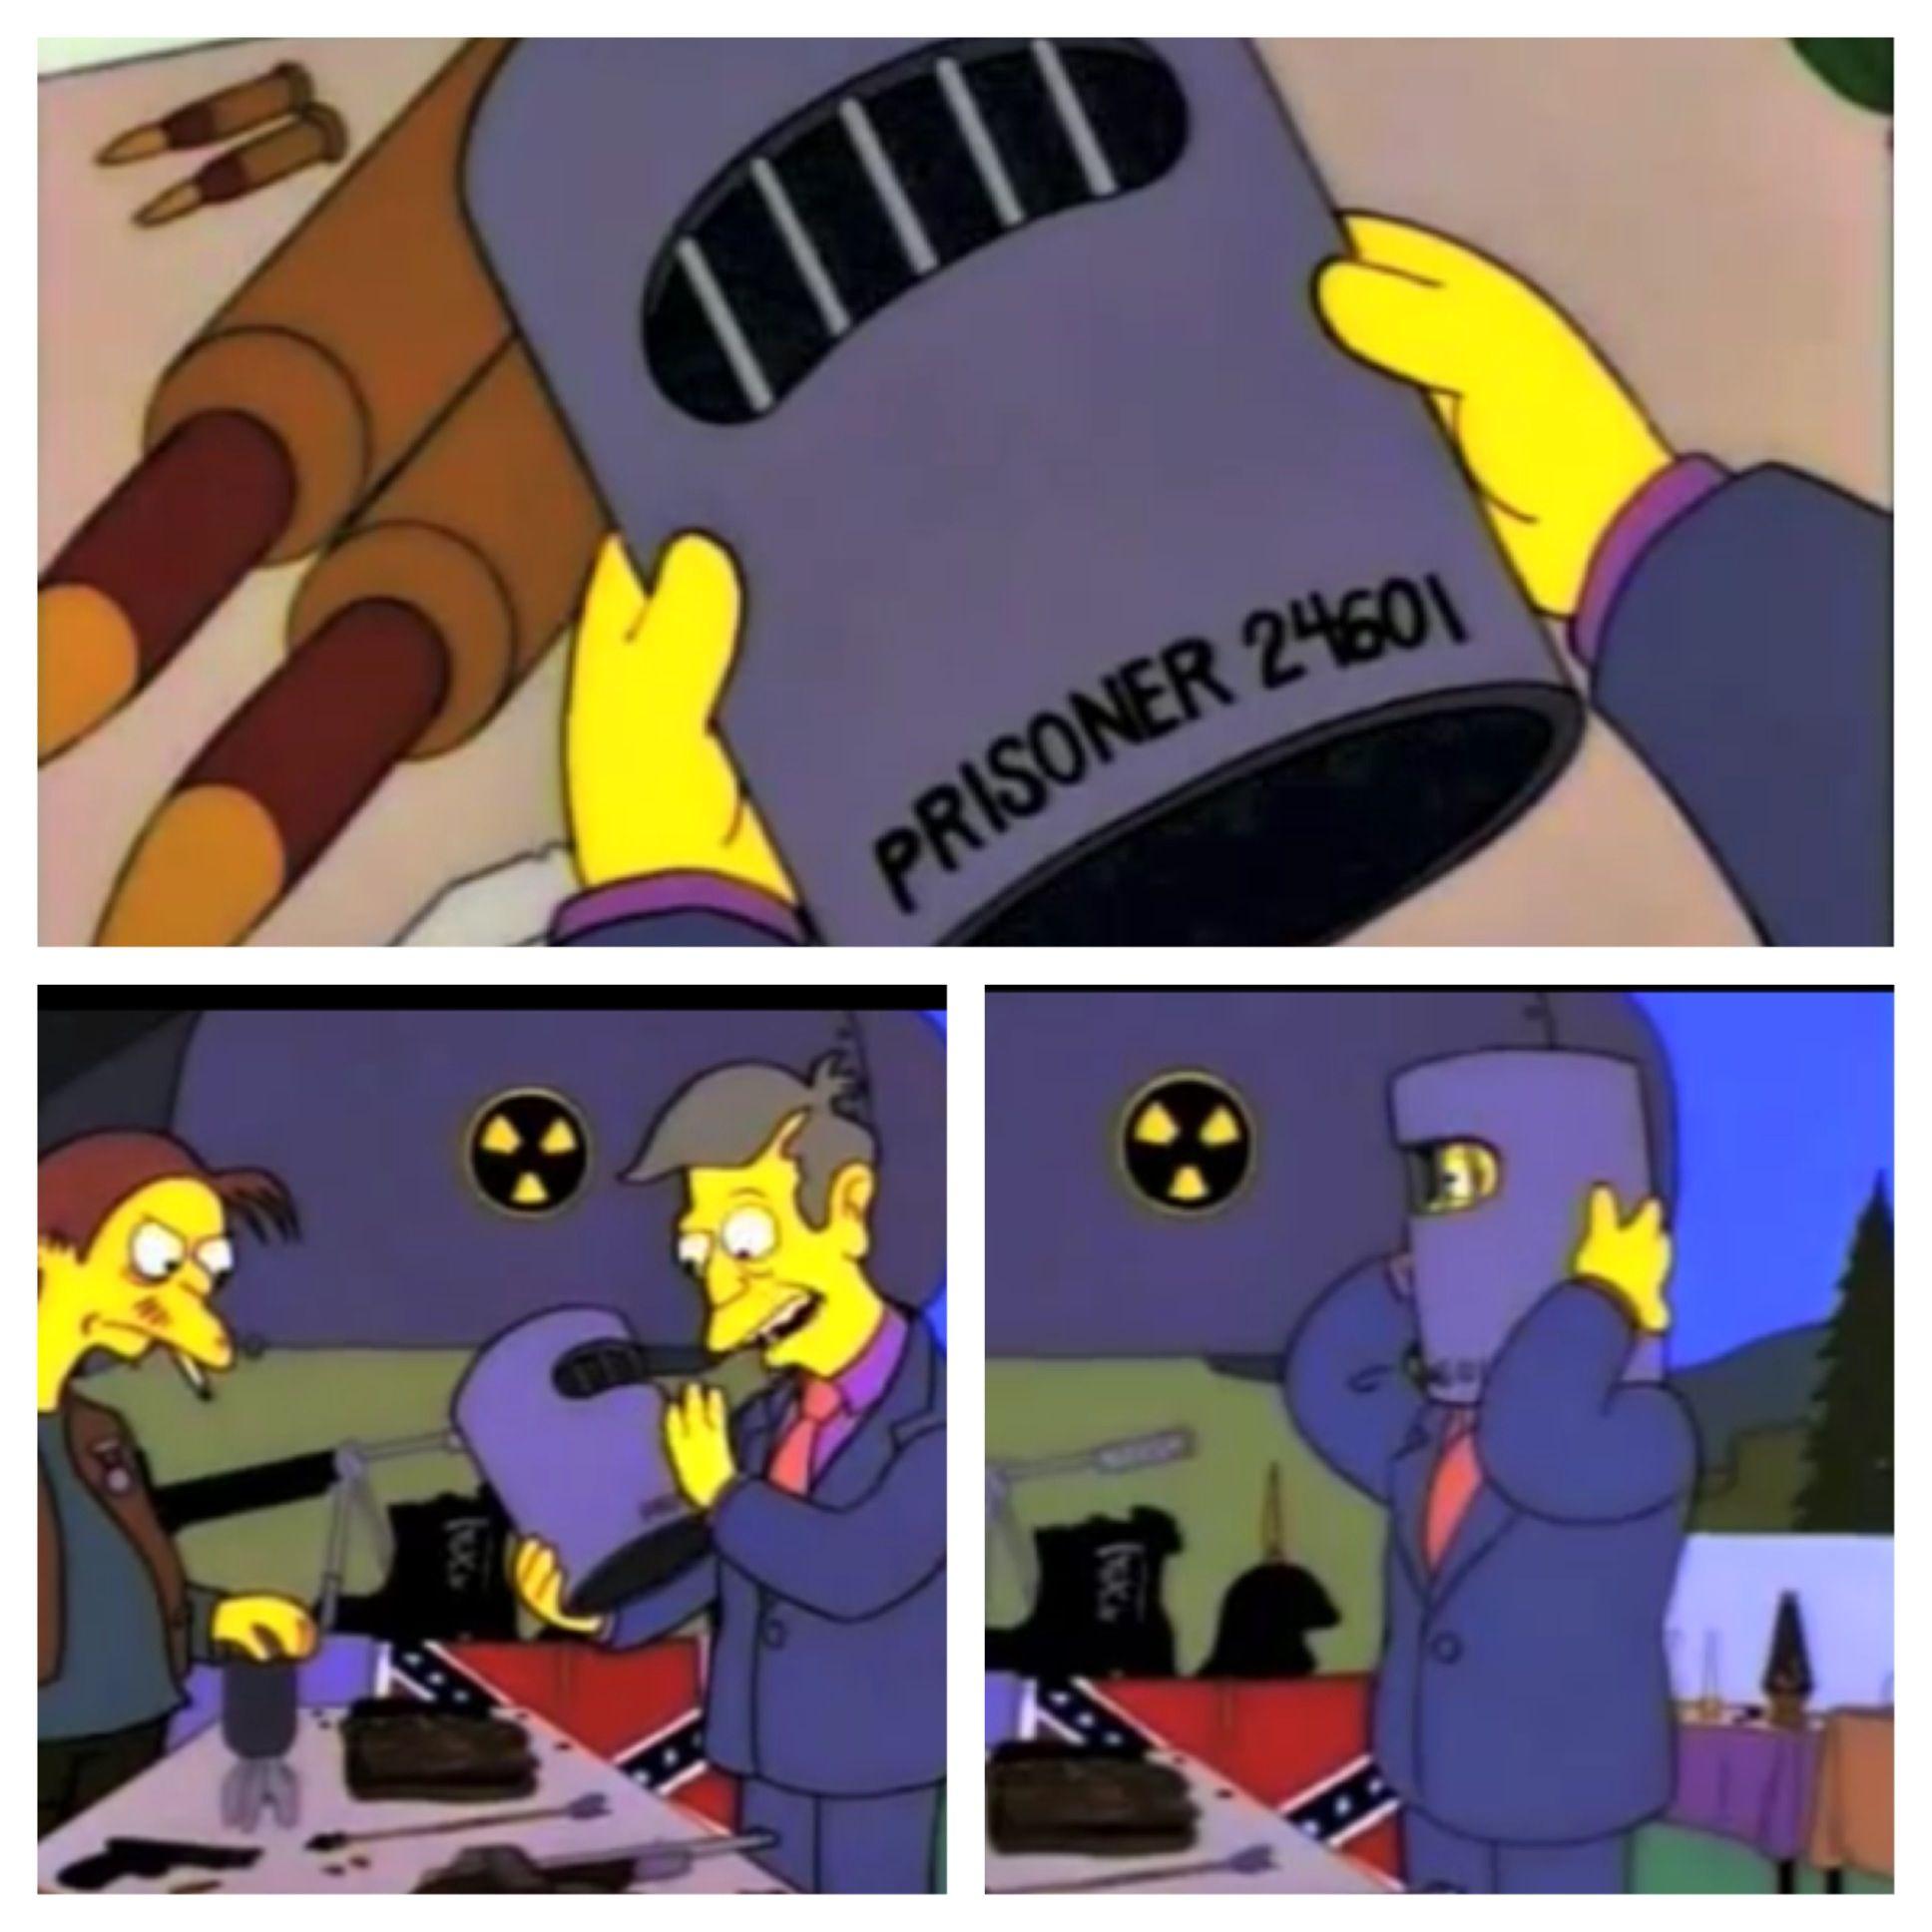 Simpsons Principal Skinner Is Jean Valjean Lol